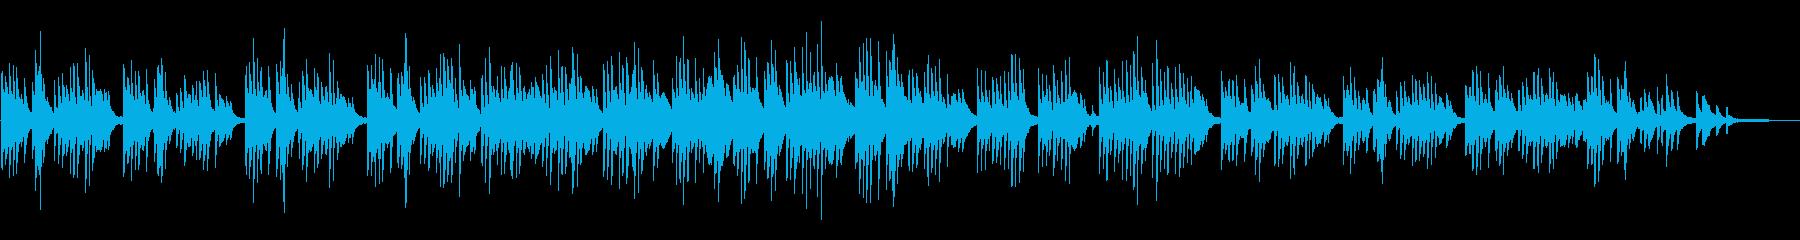 少し和・アジア感なソロピアノのバラードの再生済みの波形